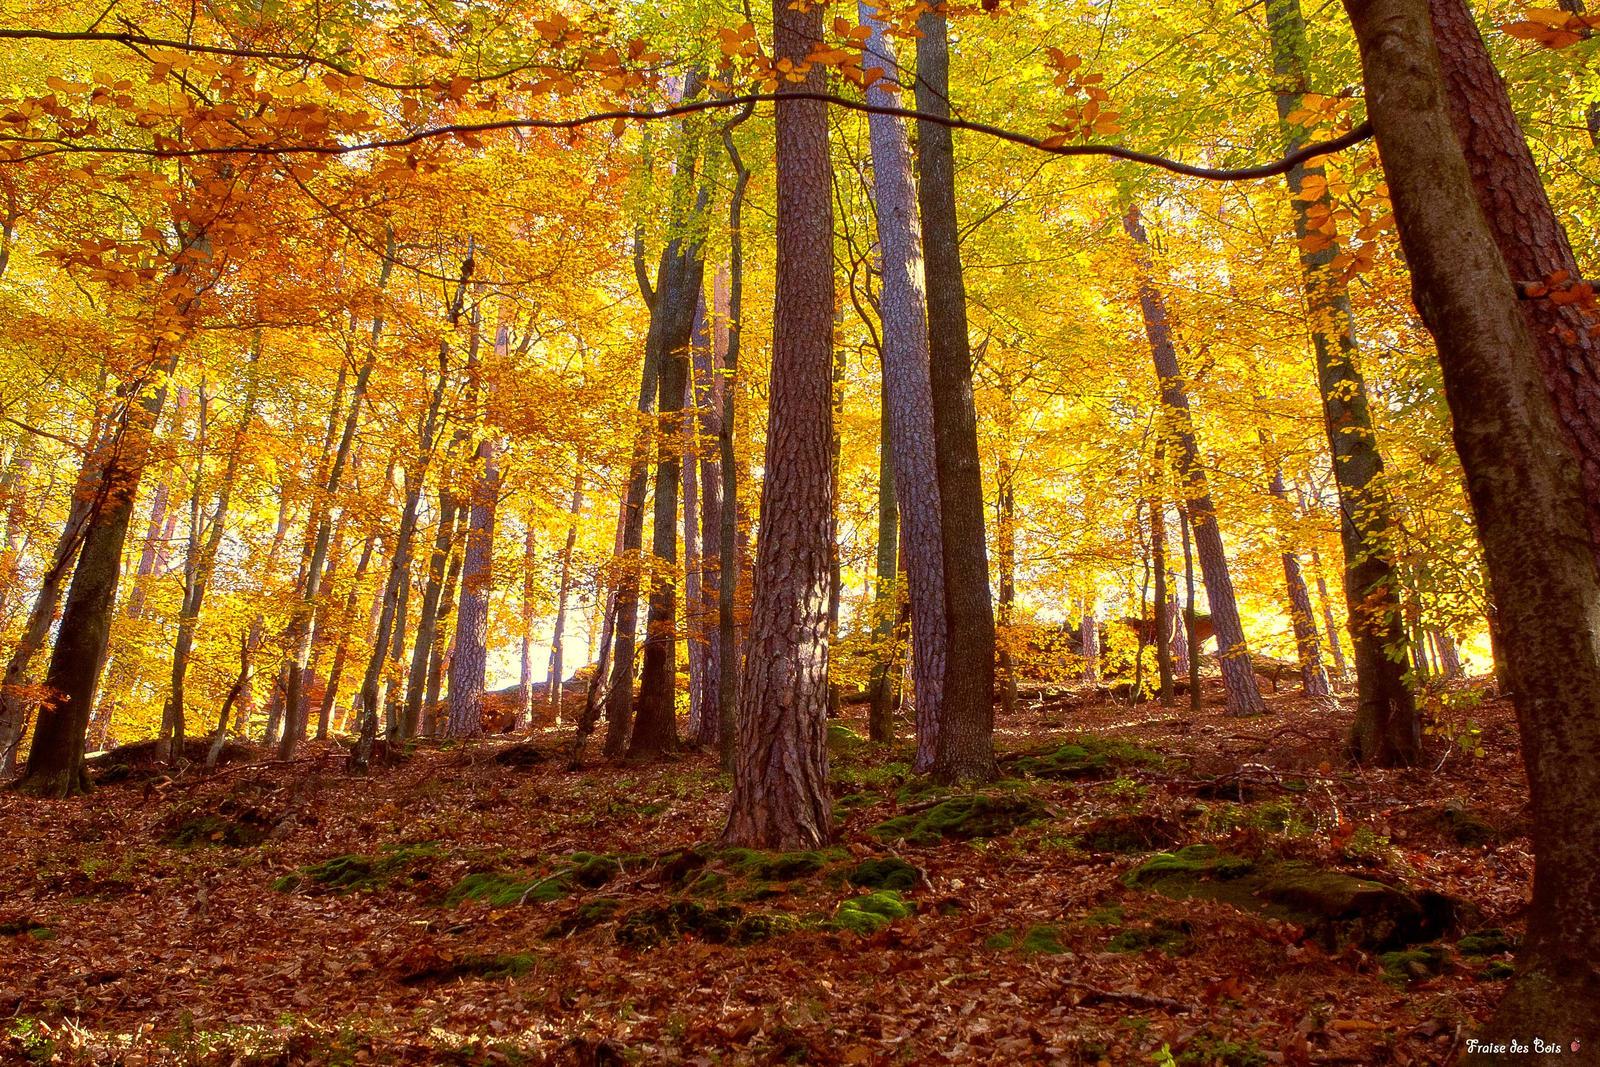 Le bois du chateau by fraisedesbois68